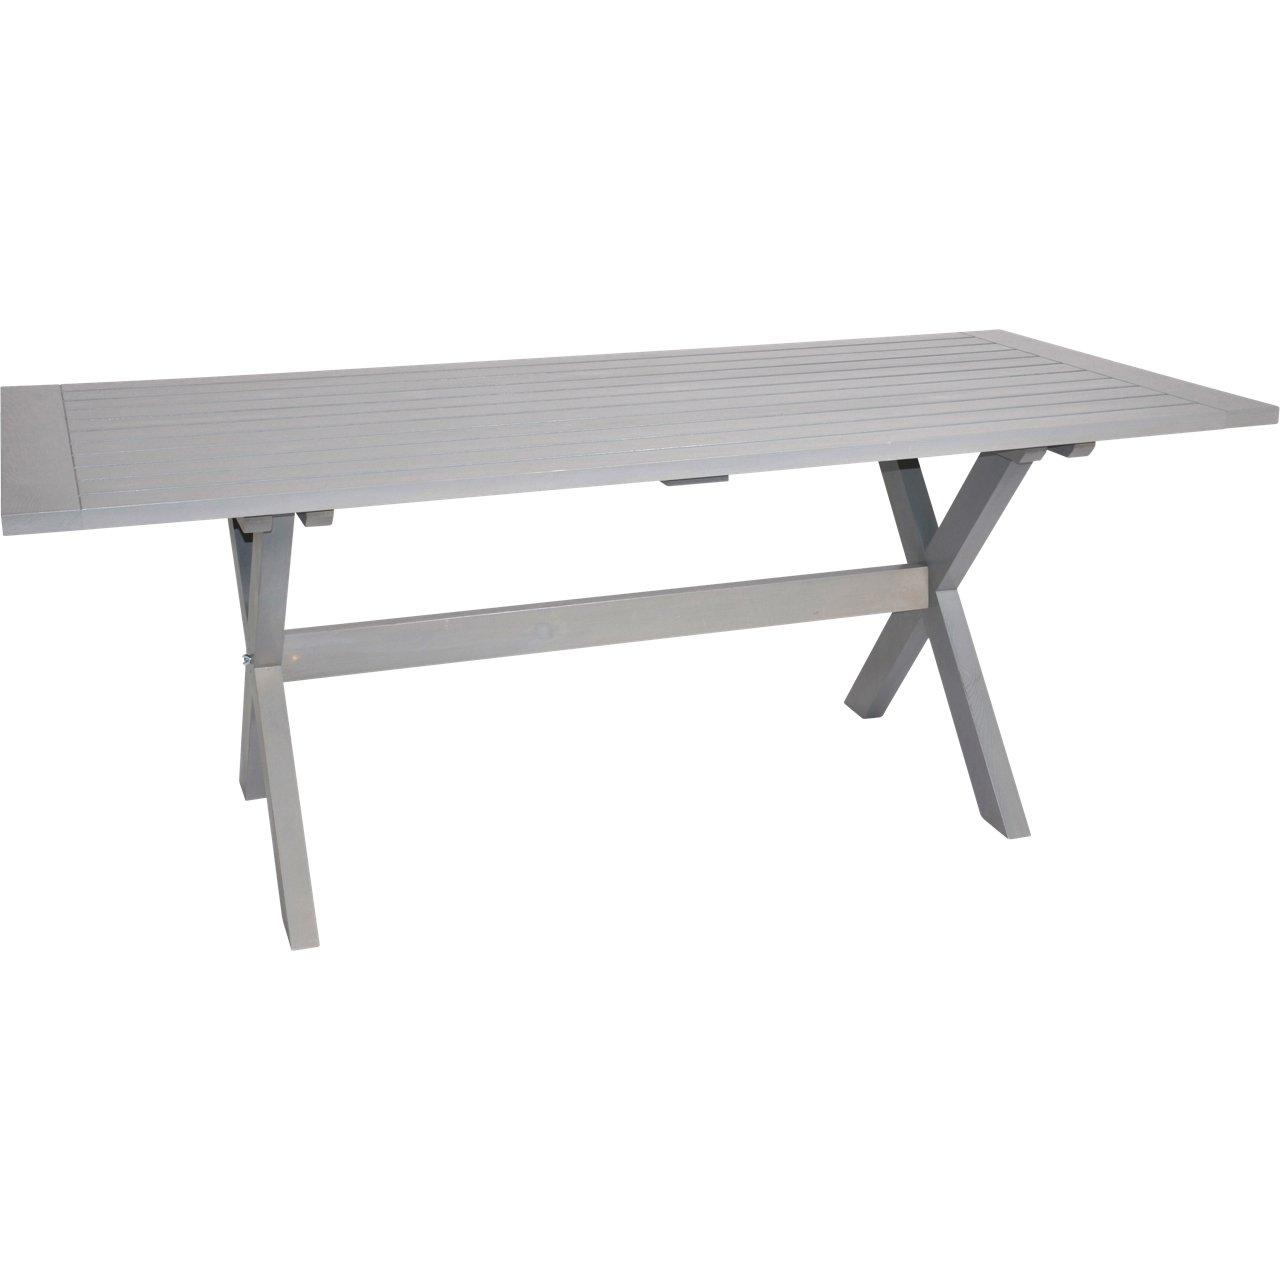 Tisch Kiefer günstig kaufen